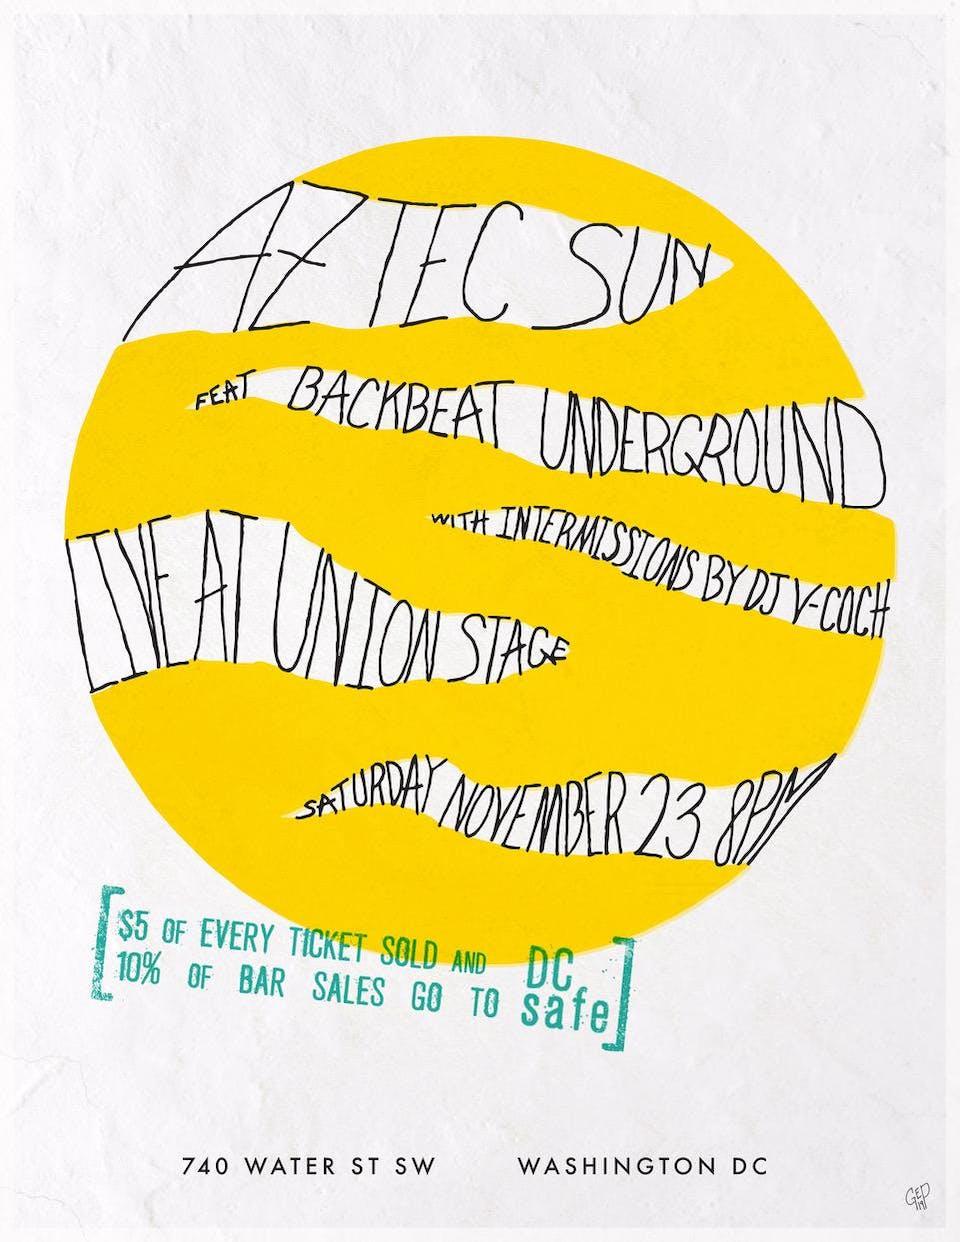 Aztec Sun + Backbeat Underground